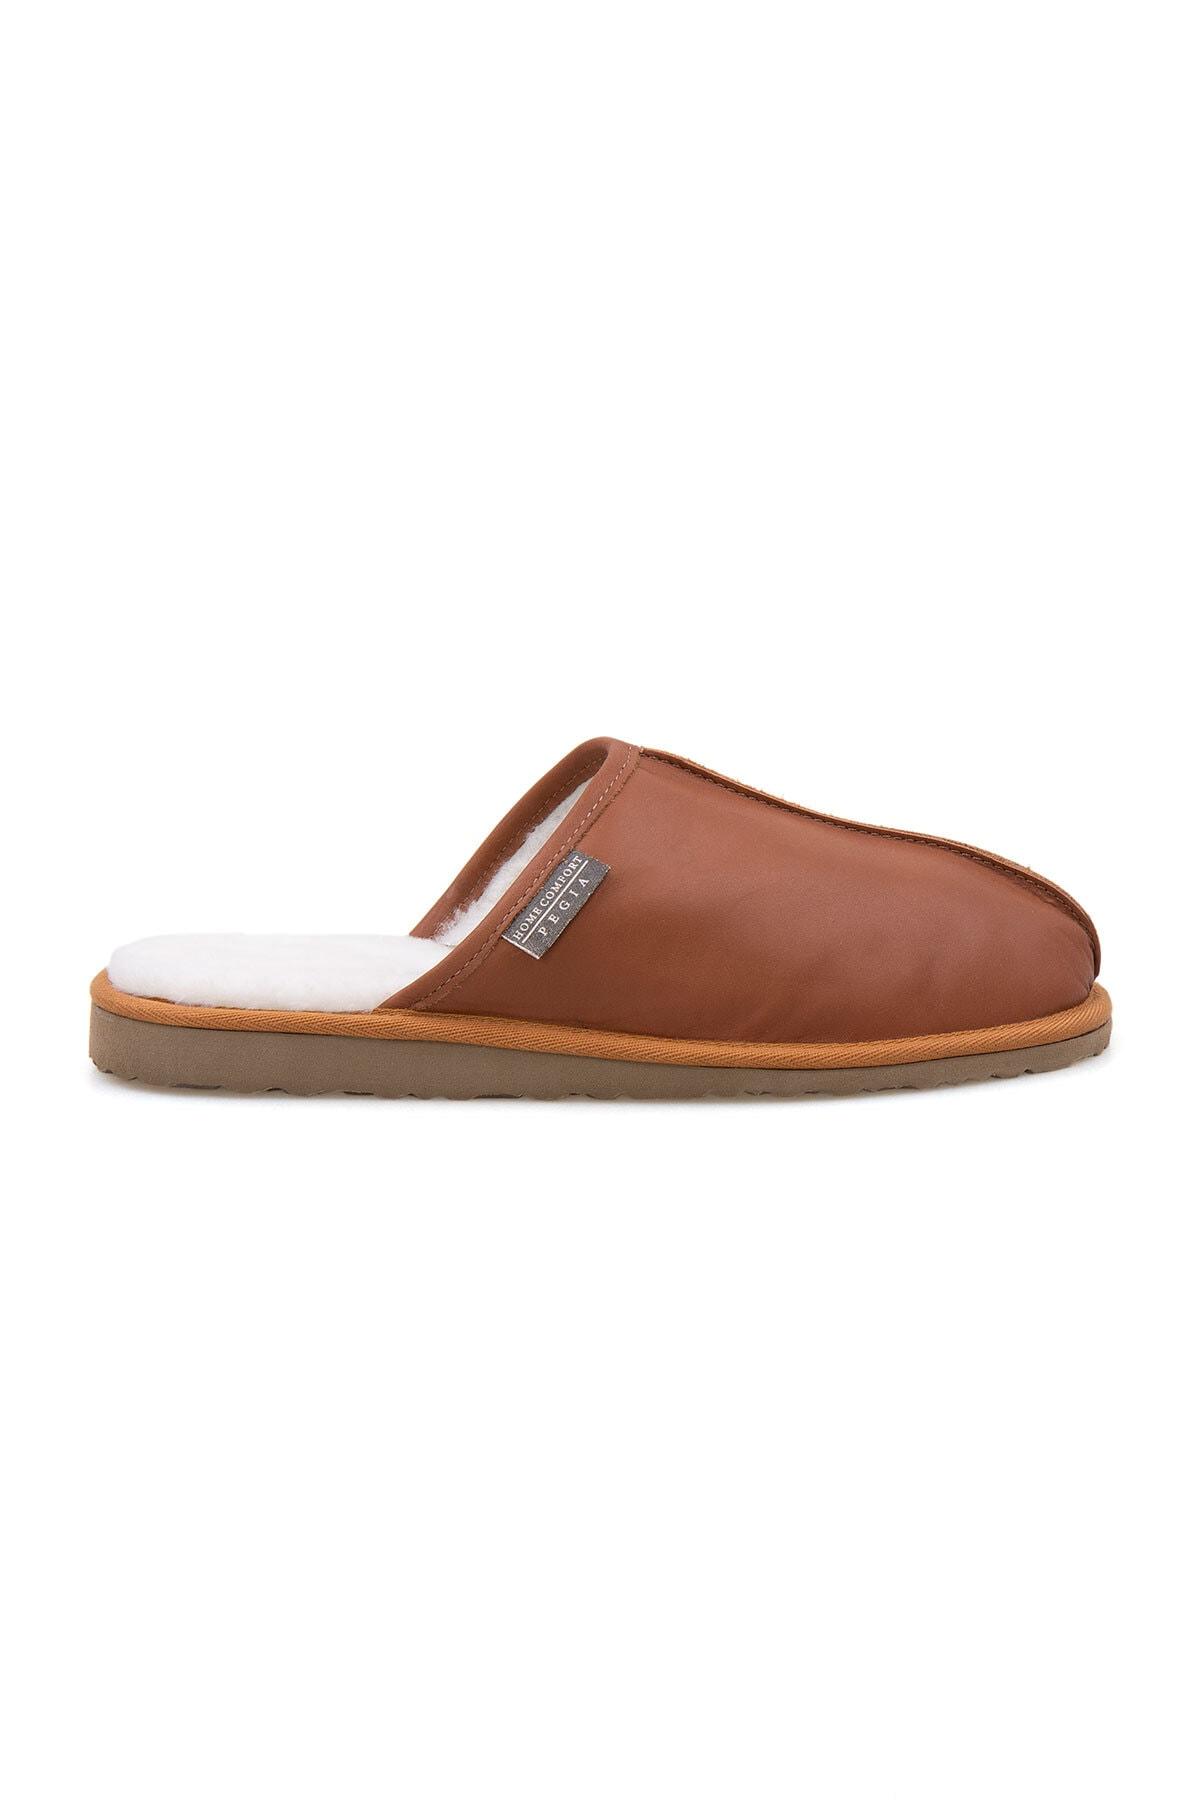 Pegia Erkek Taba Deri Kürklü Ev Ayakkabısı 111012 0